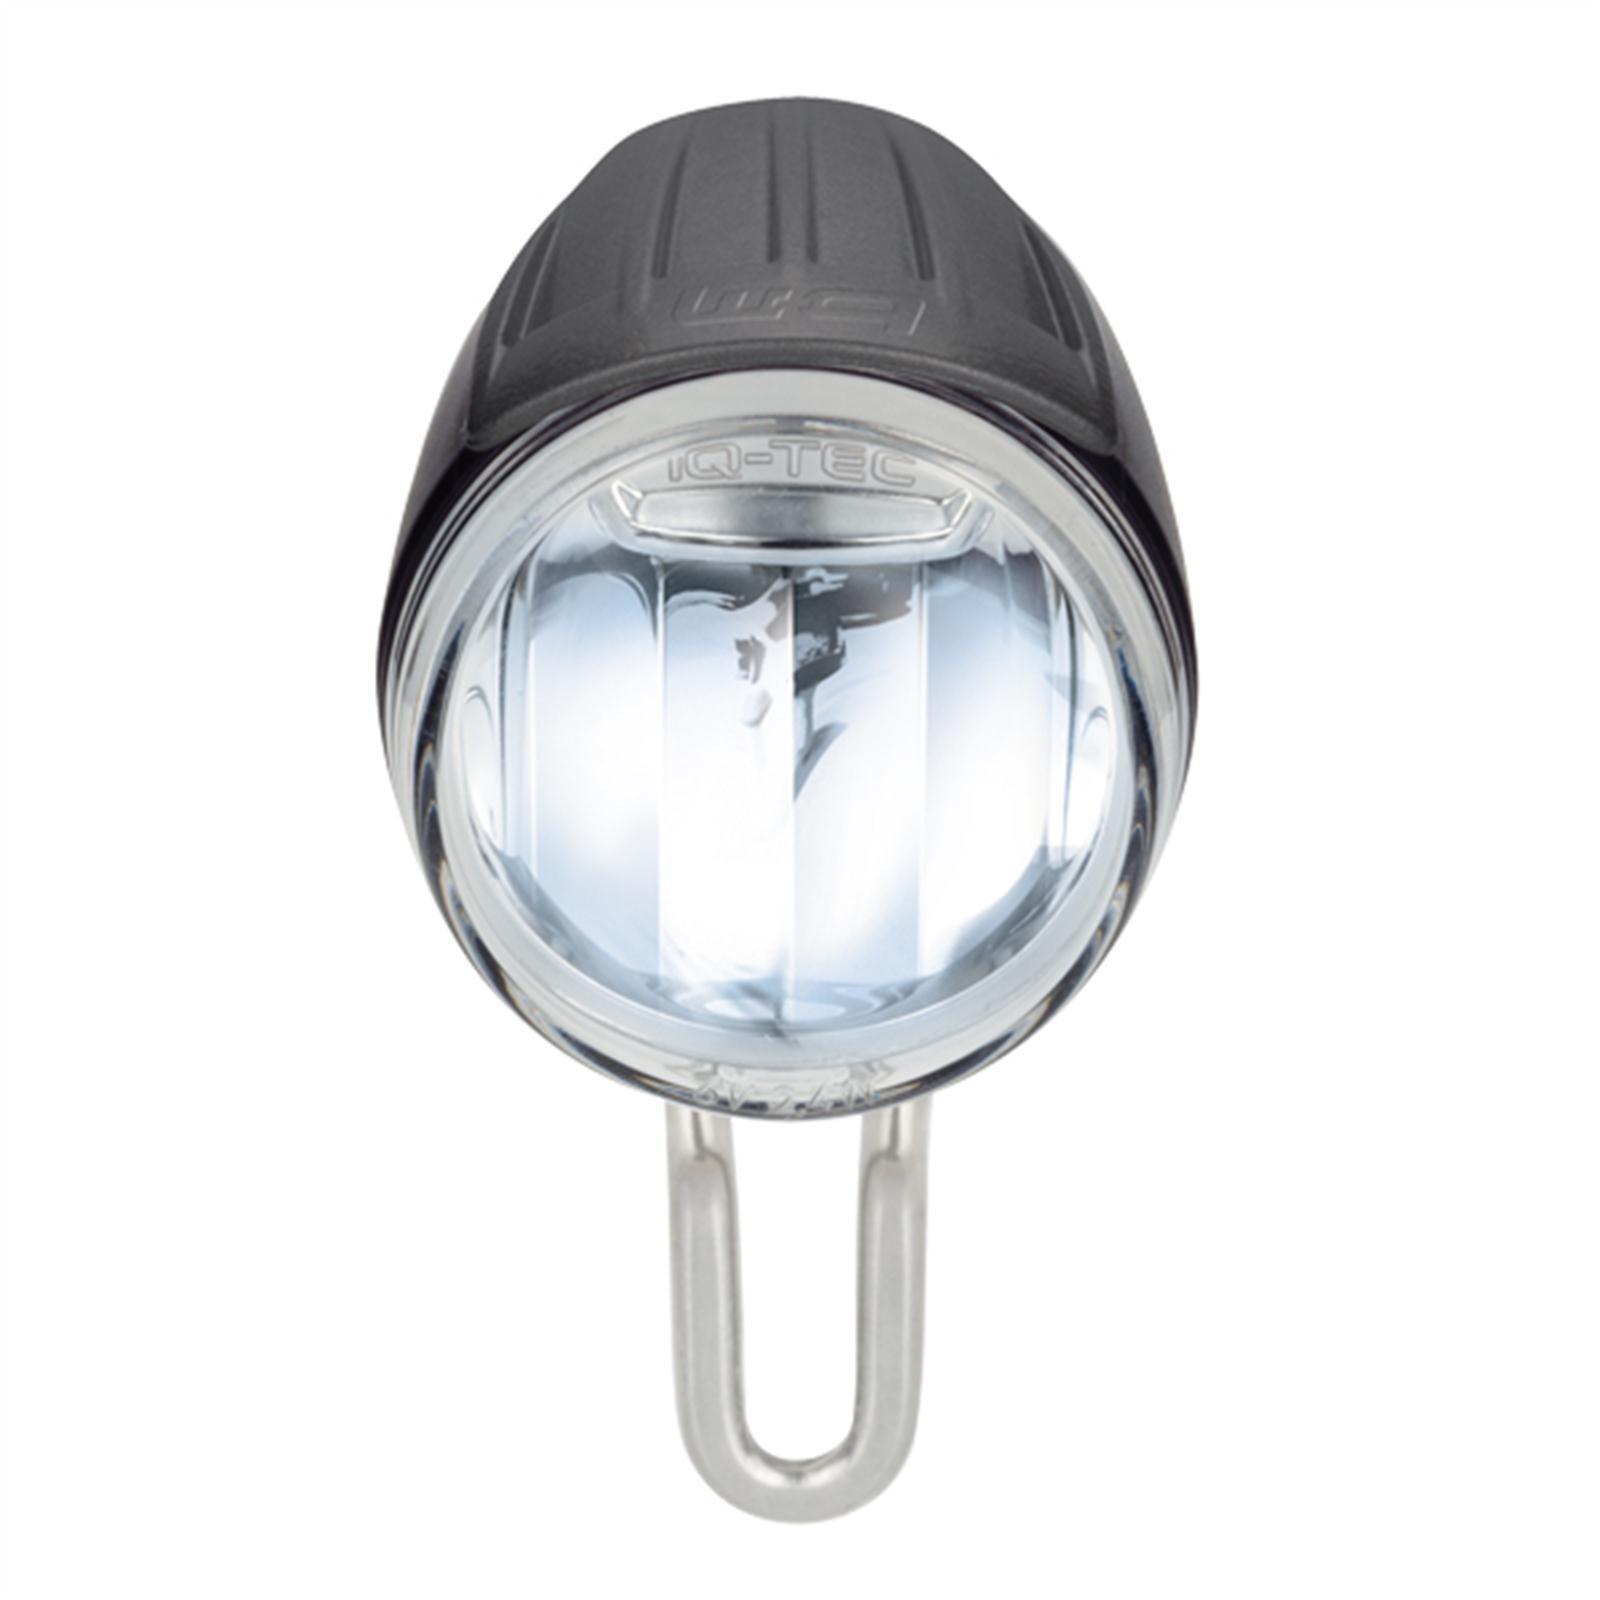 Busch & Müller Lampe IQ Cyo N Plus 175QNDI 60 Lux LED Dynamo Scheinwerfer